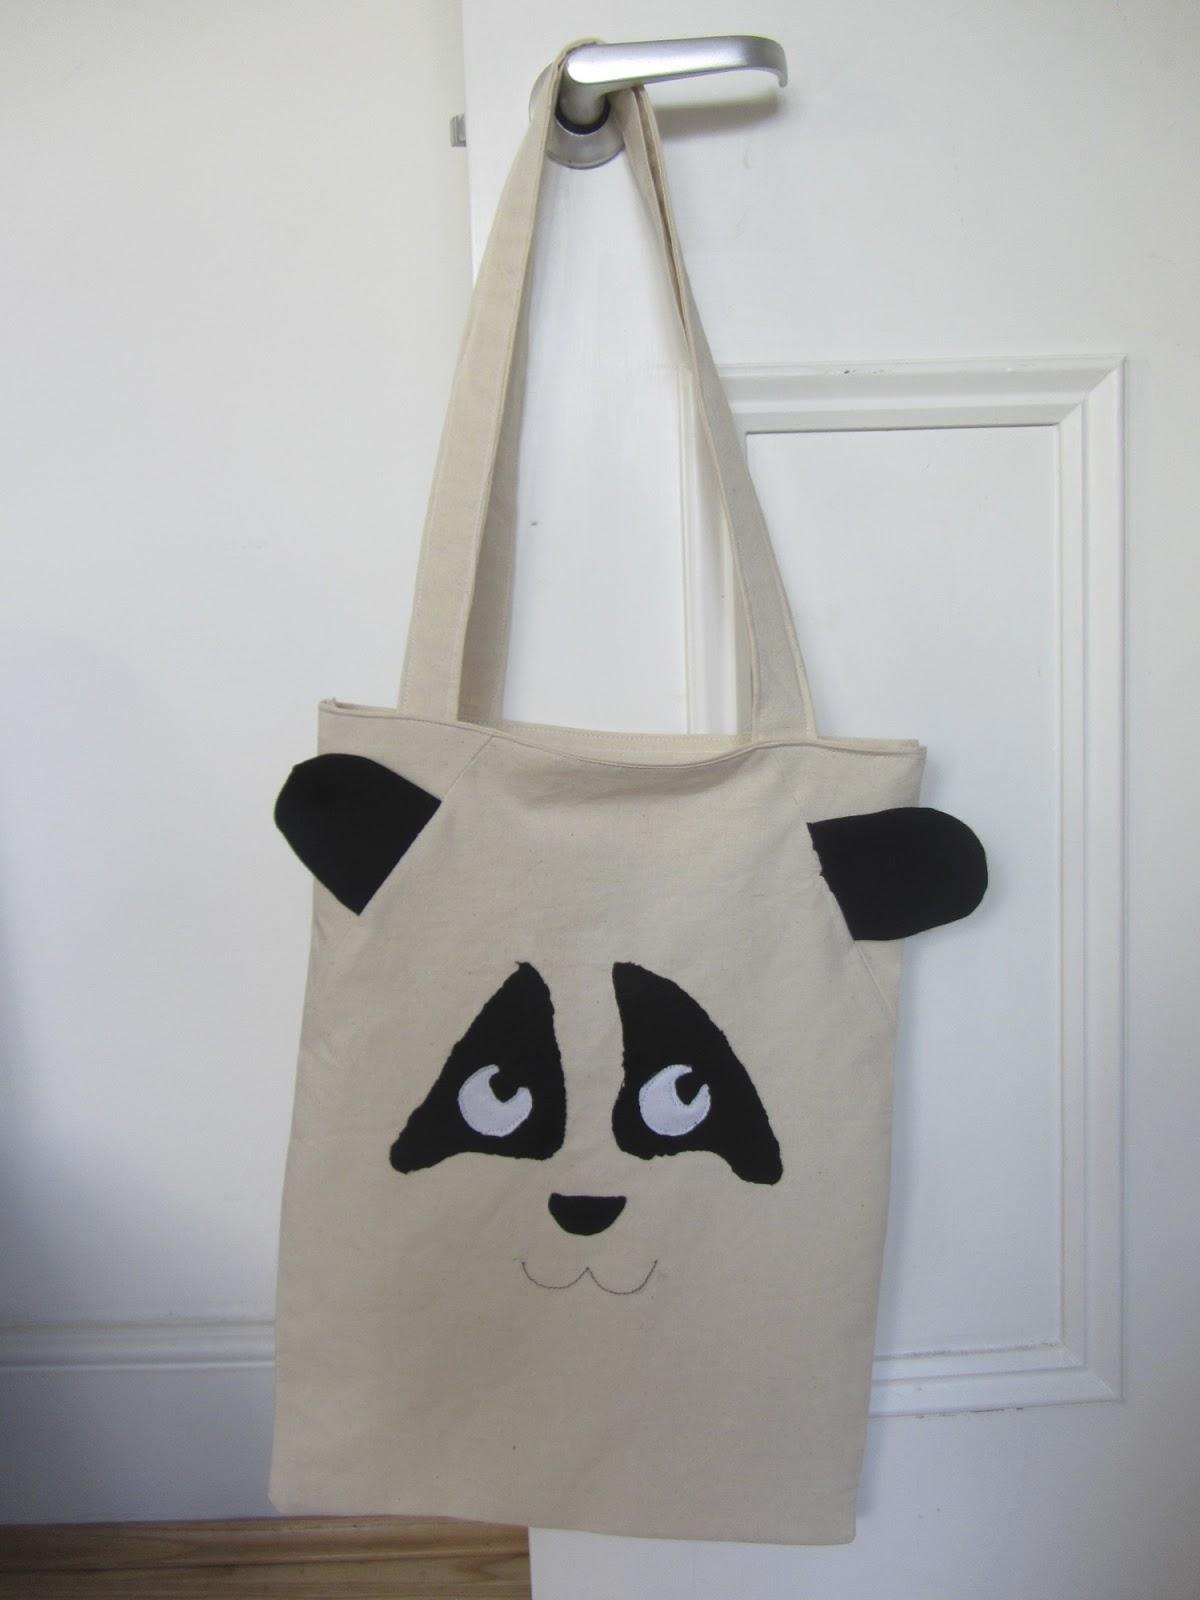 Jellybean in the Oven: Simple Panda Tote Bag - DIY Tutorial